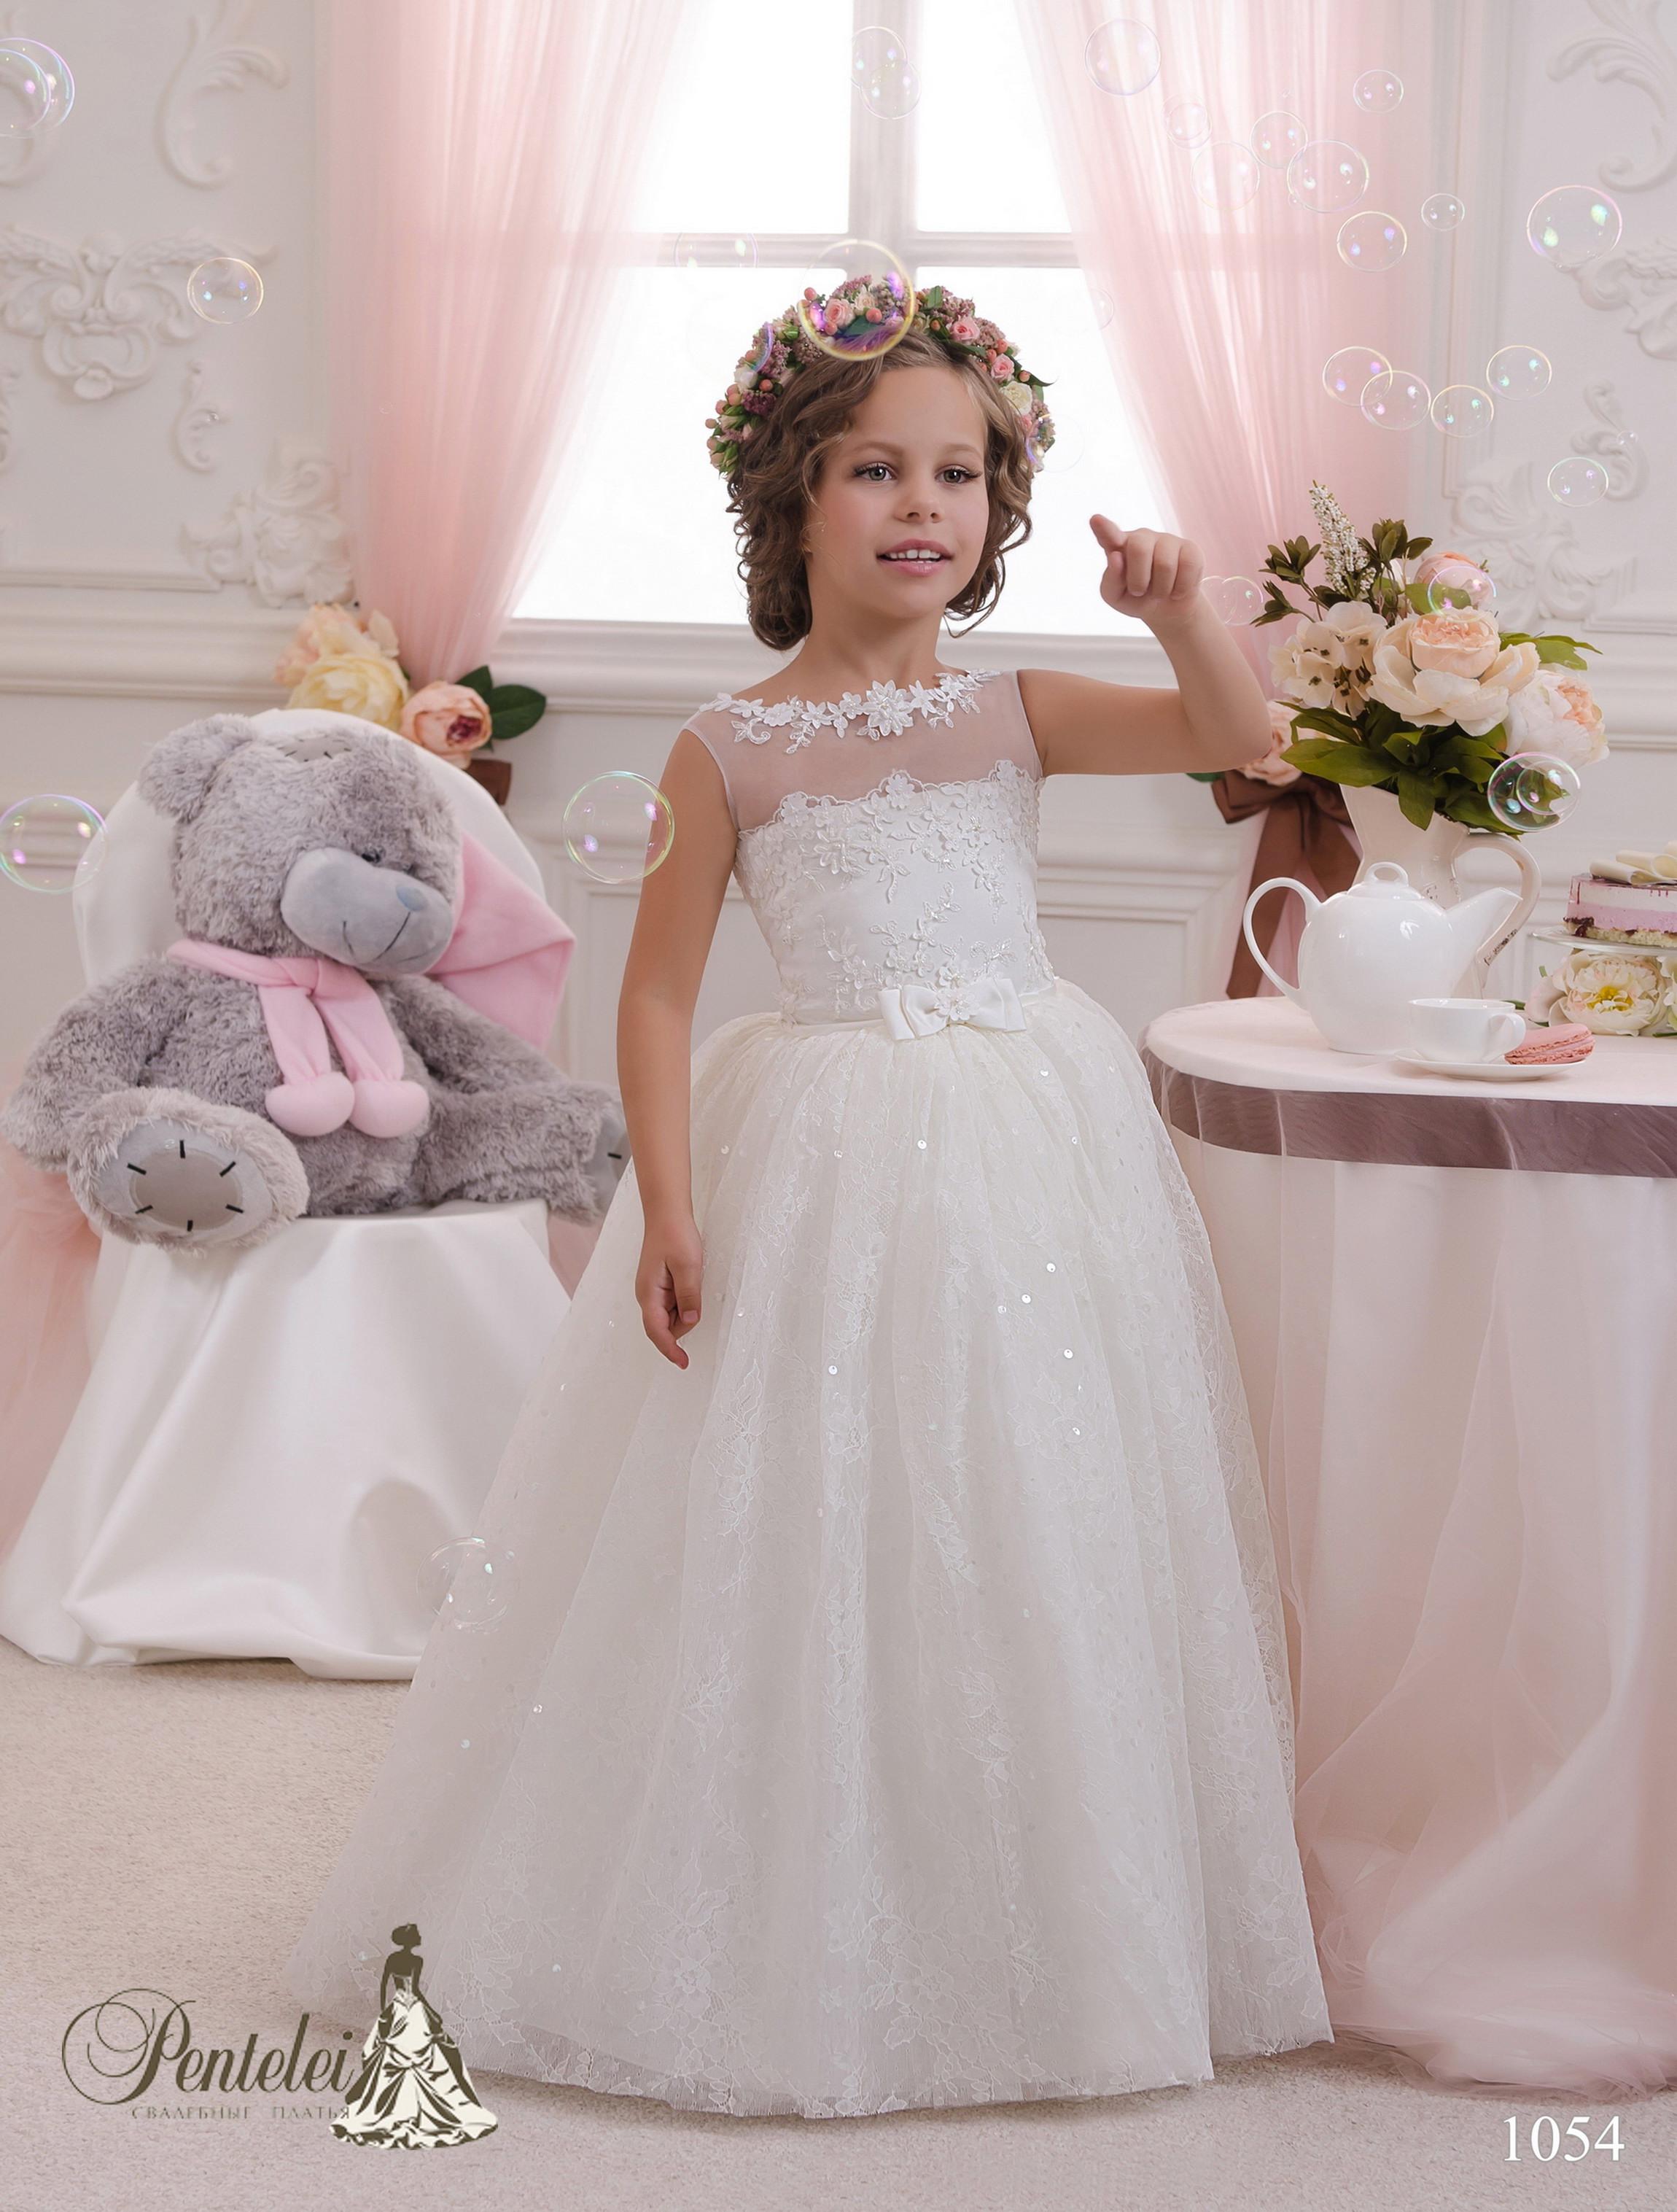 1054 | Купити дитячі сукні оптом від Pentelei